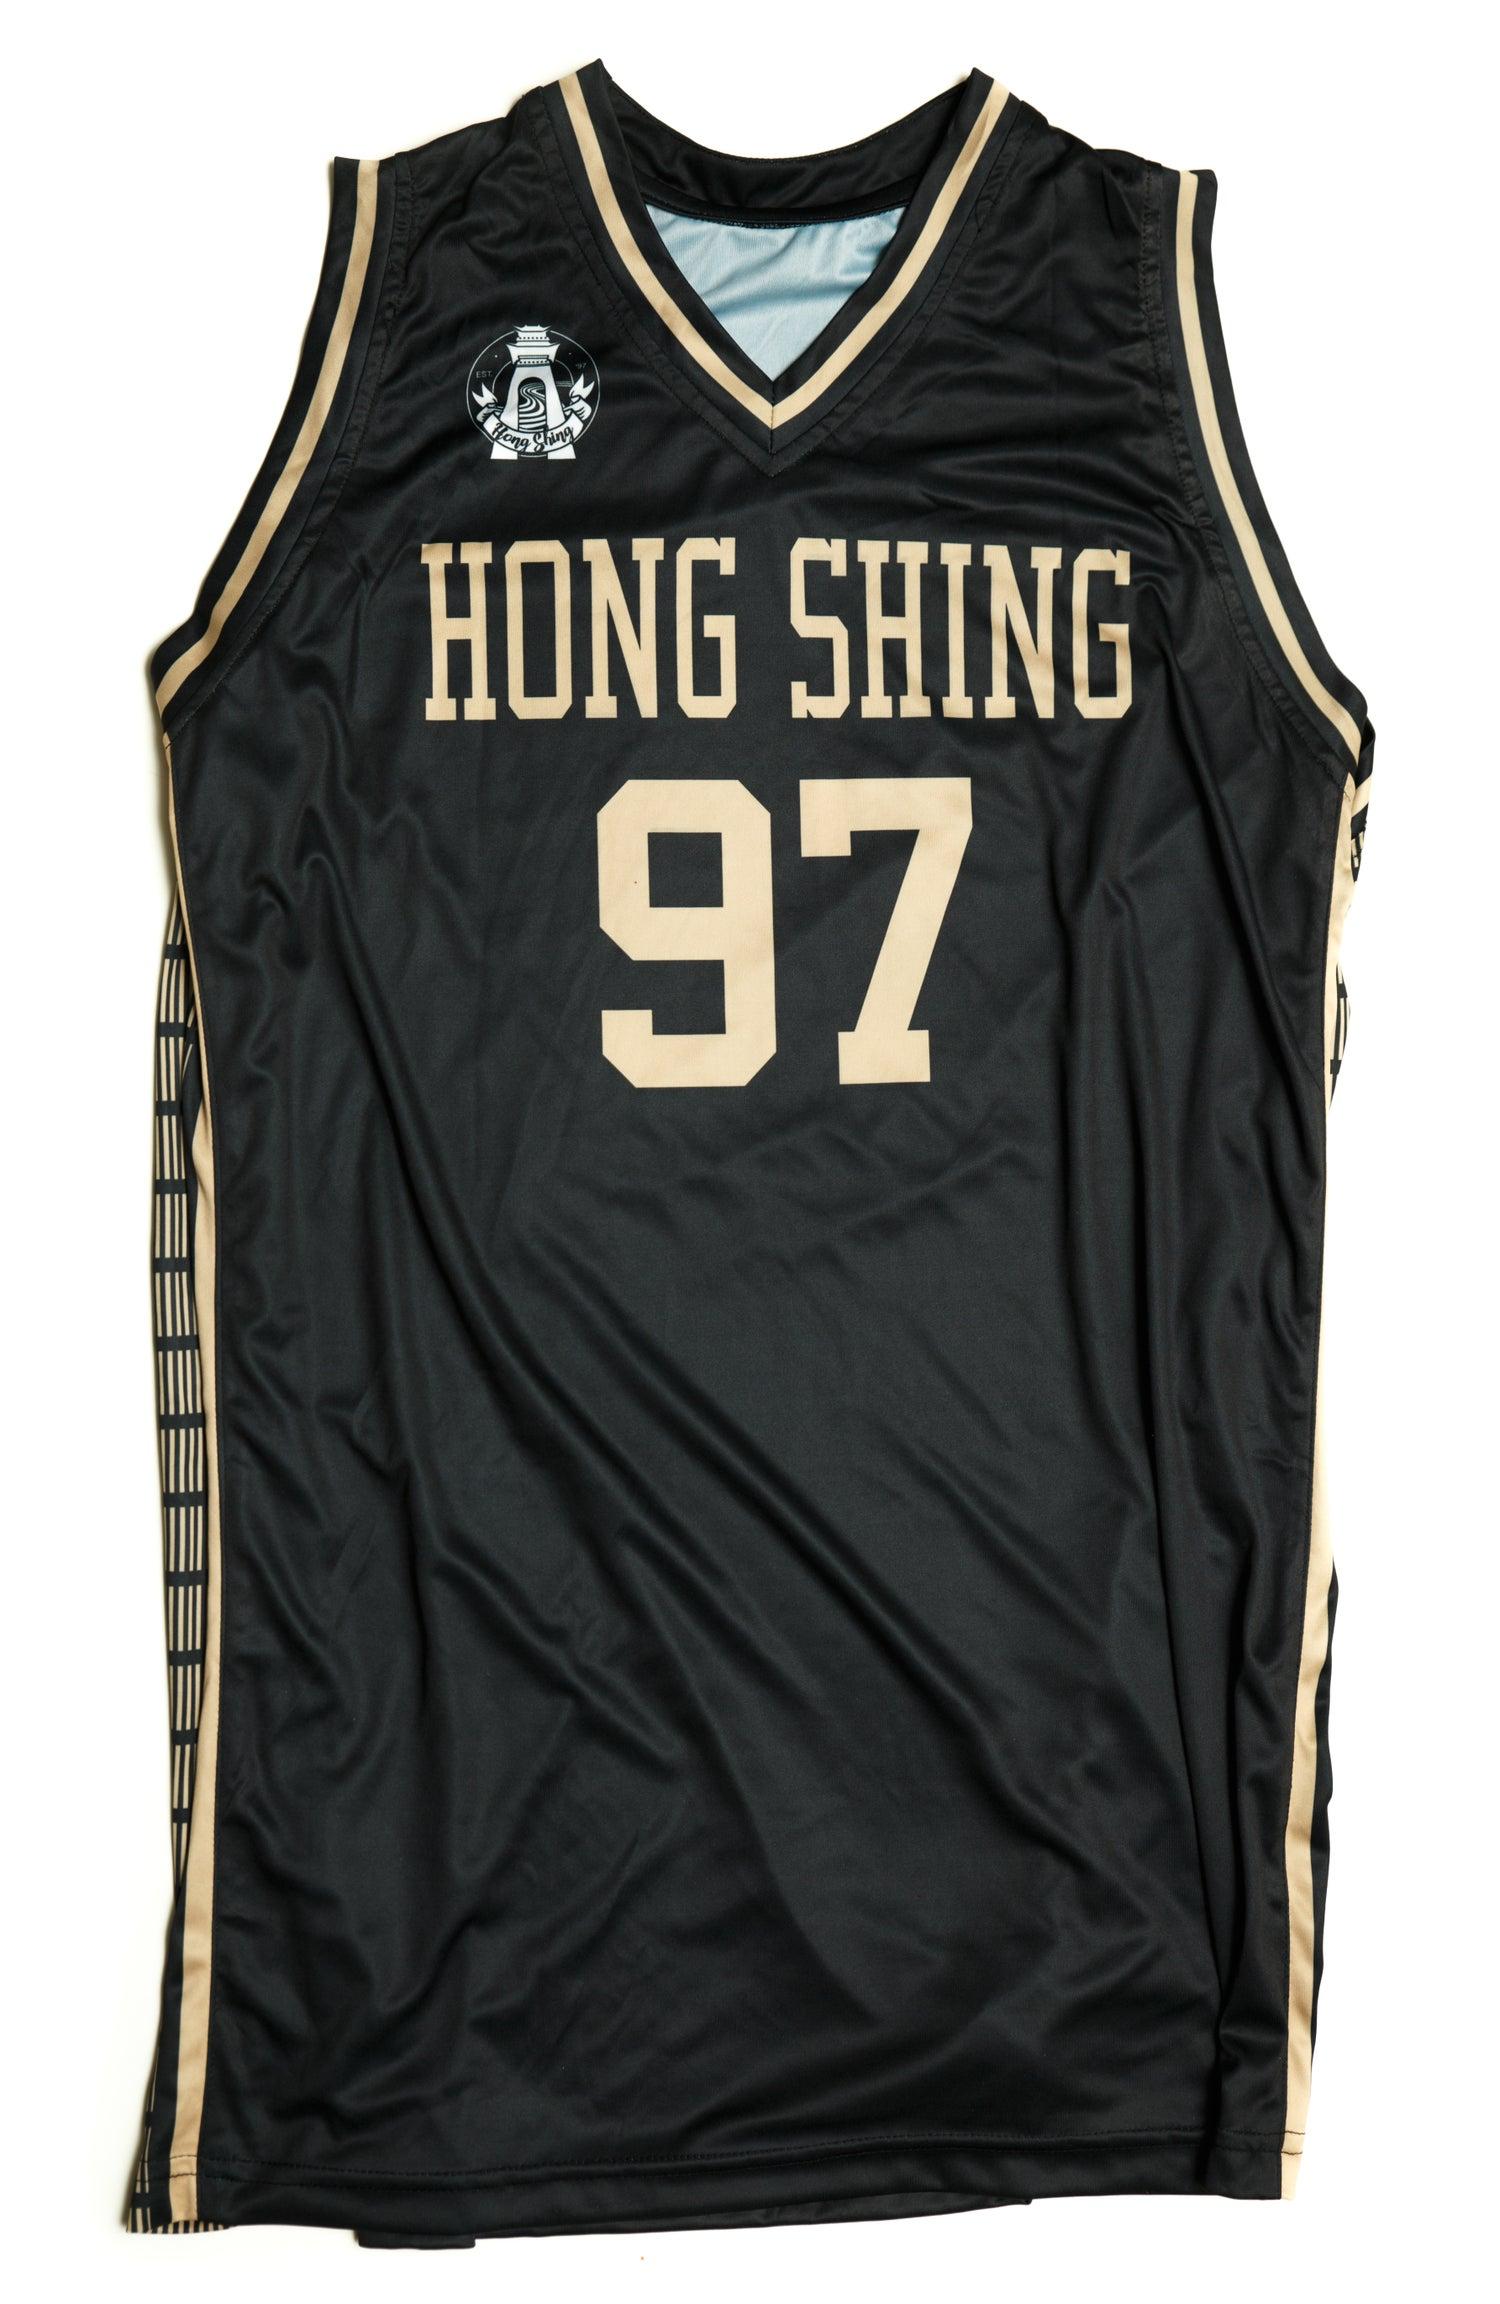 Image of Hong Shing Signature Basketball Jersey